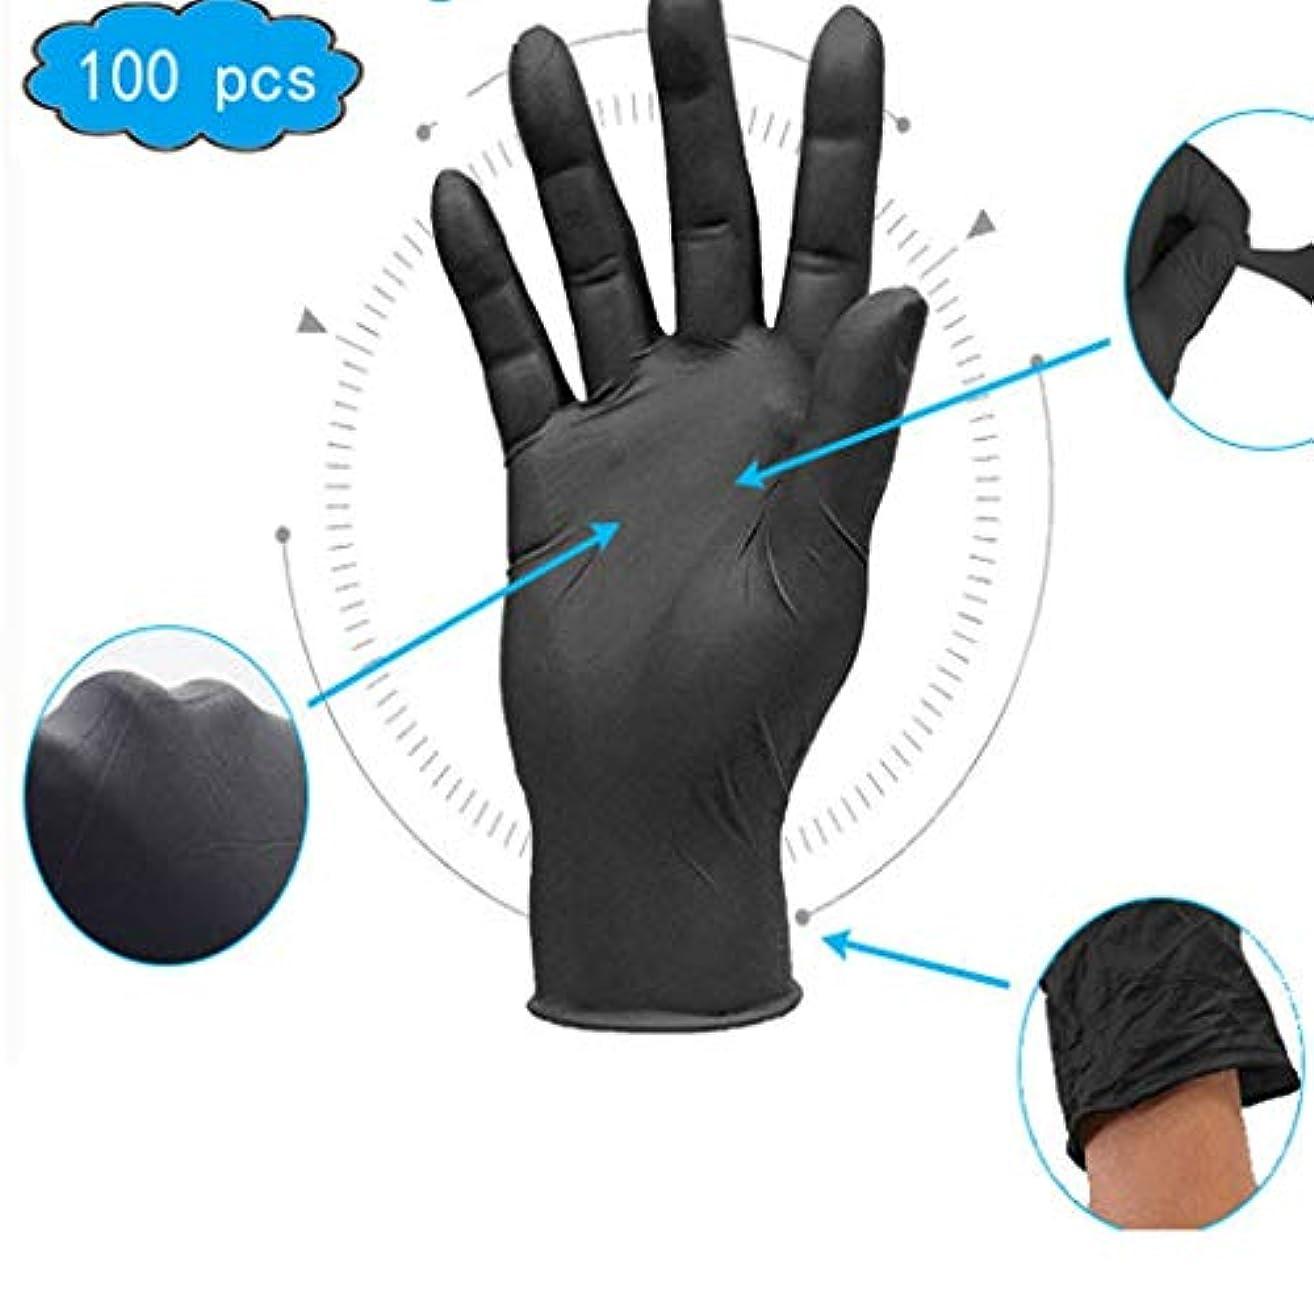 誤解する医師ダースニトリル手袋、医薬品および備品、応急処置用品、産業用使い捨て手袋 - テクスチャード、パウダーフリー、無菌、大型、100個入り、非滅菌の使い捨て安全手袋 (Color : Black, Size : M)